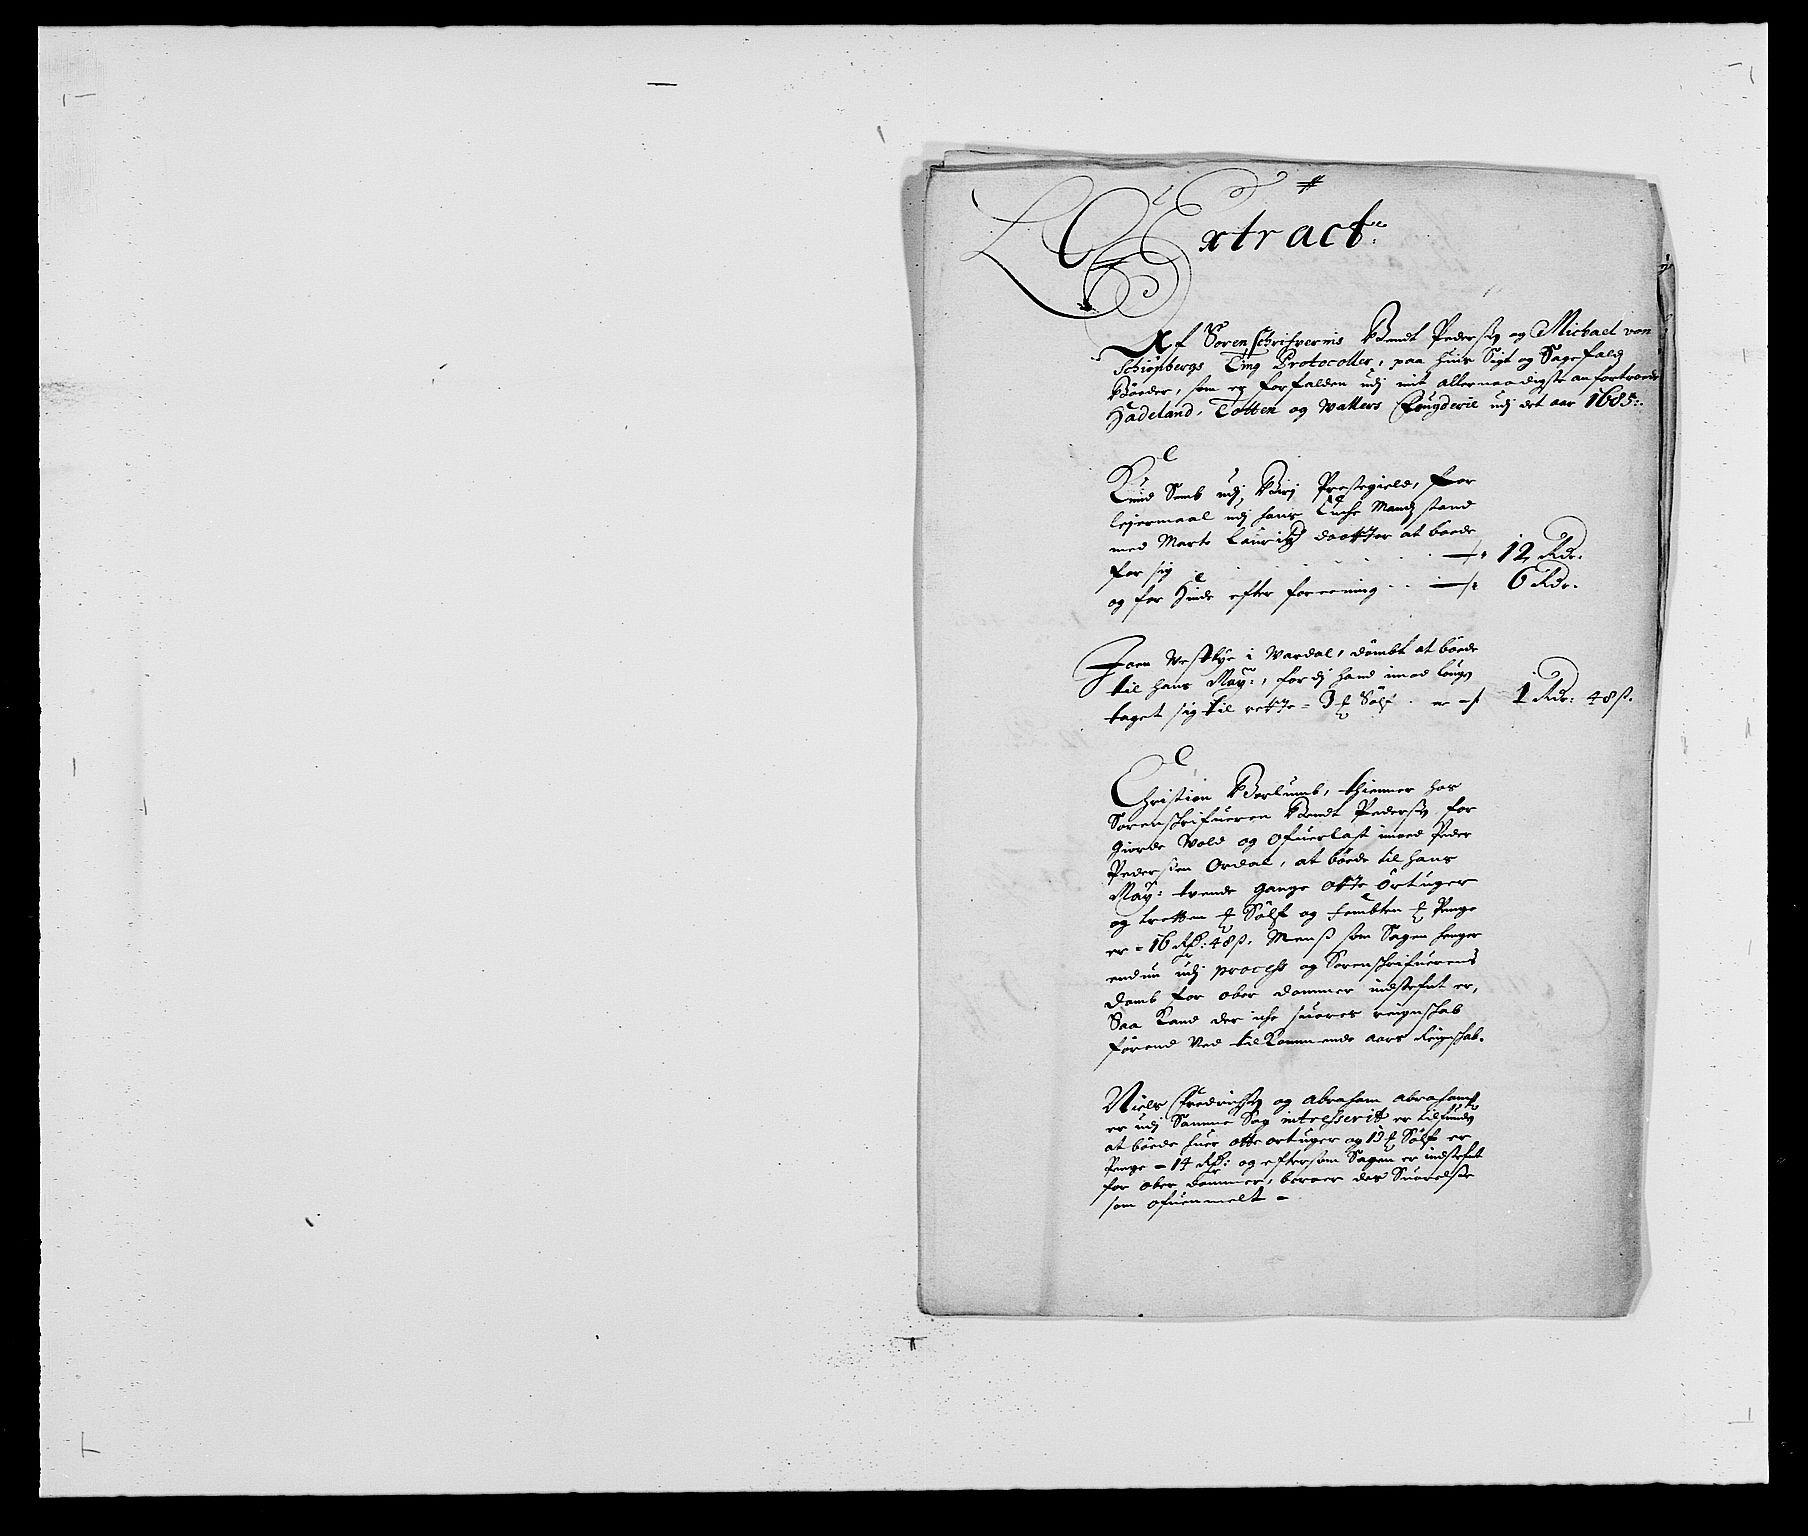 RA, Rentekammeret inntil 1814, Reviderte regnskaper, Fogderegnskap, R18/L1284: Fogderegnskap Hadeland, Toten og Valdres, 1685, s. 130